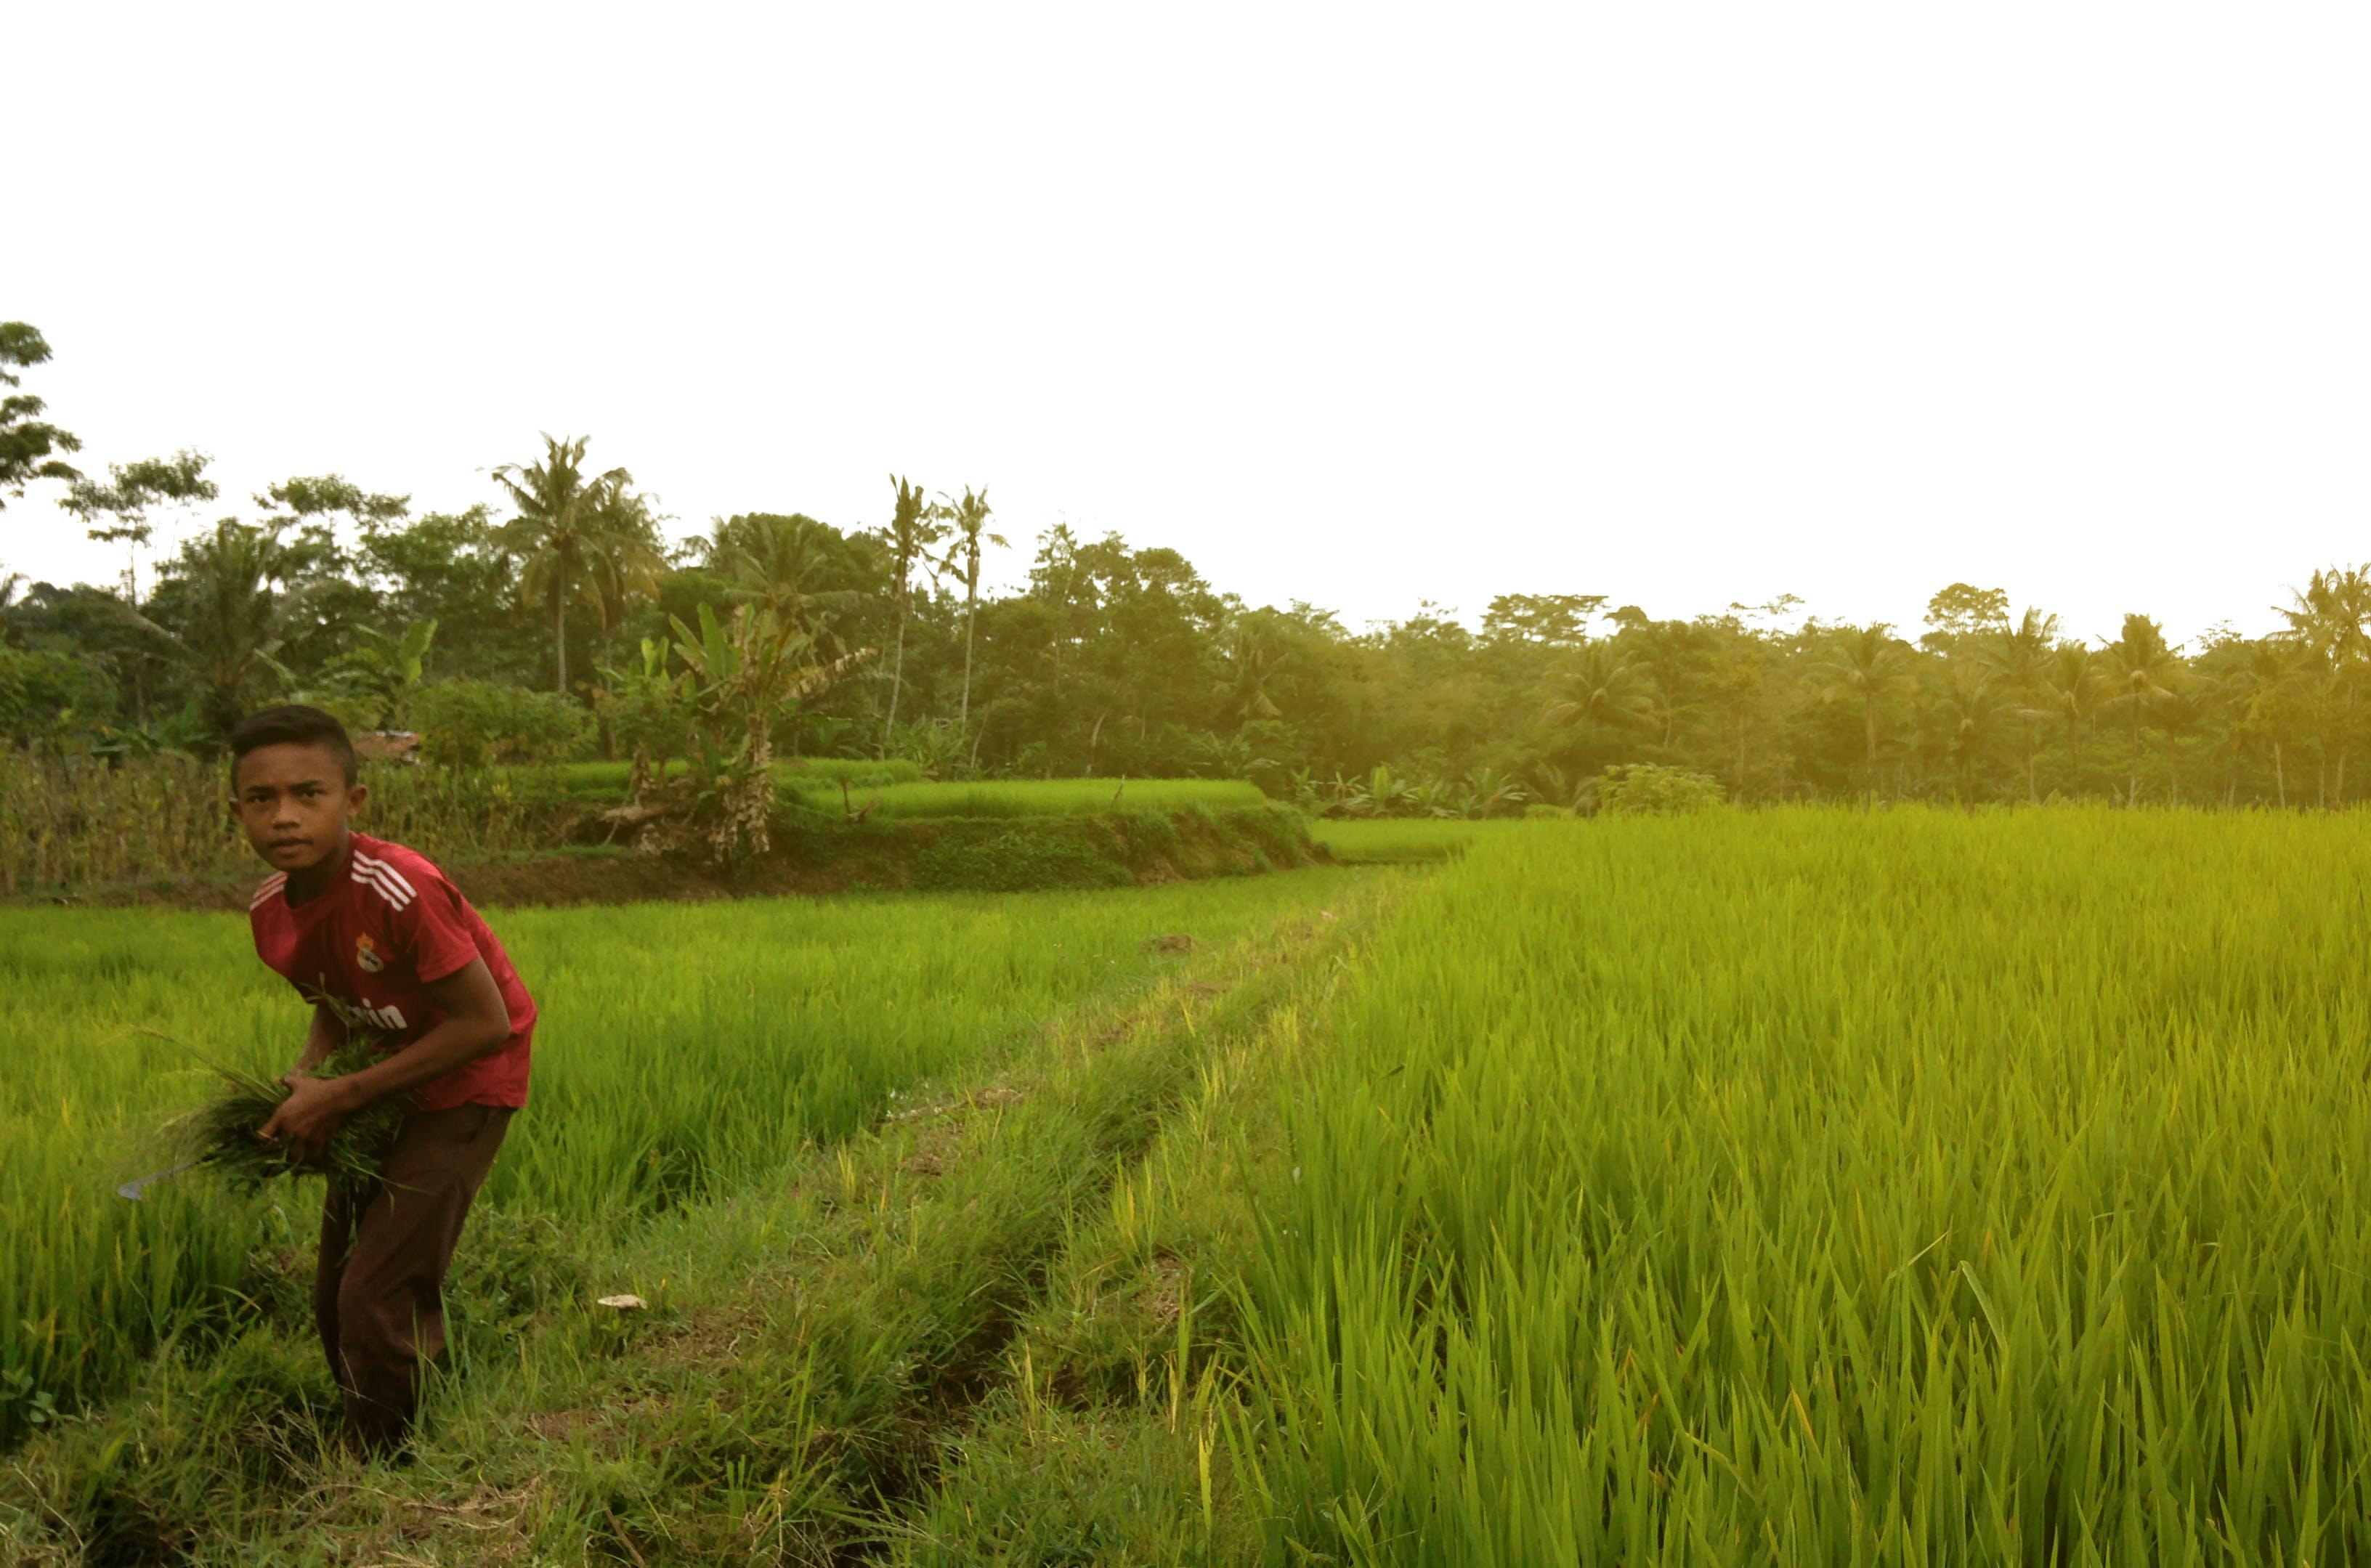 Δωρεάν στοκ φωτογραφιών με αγρόκτημα, γρασίδι, είδα, ζωή